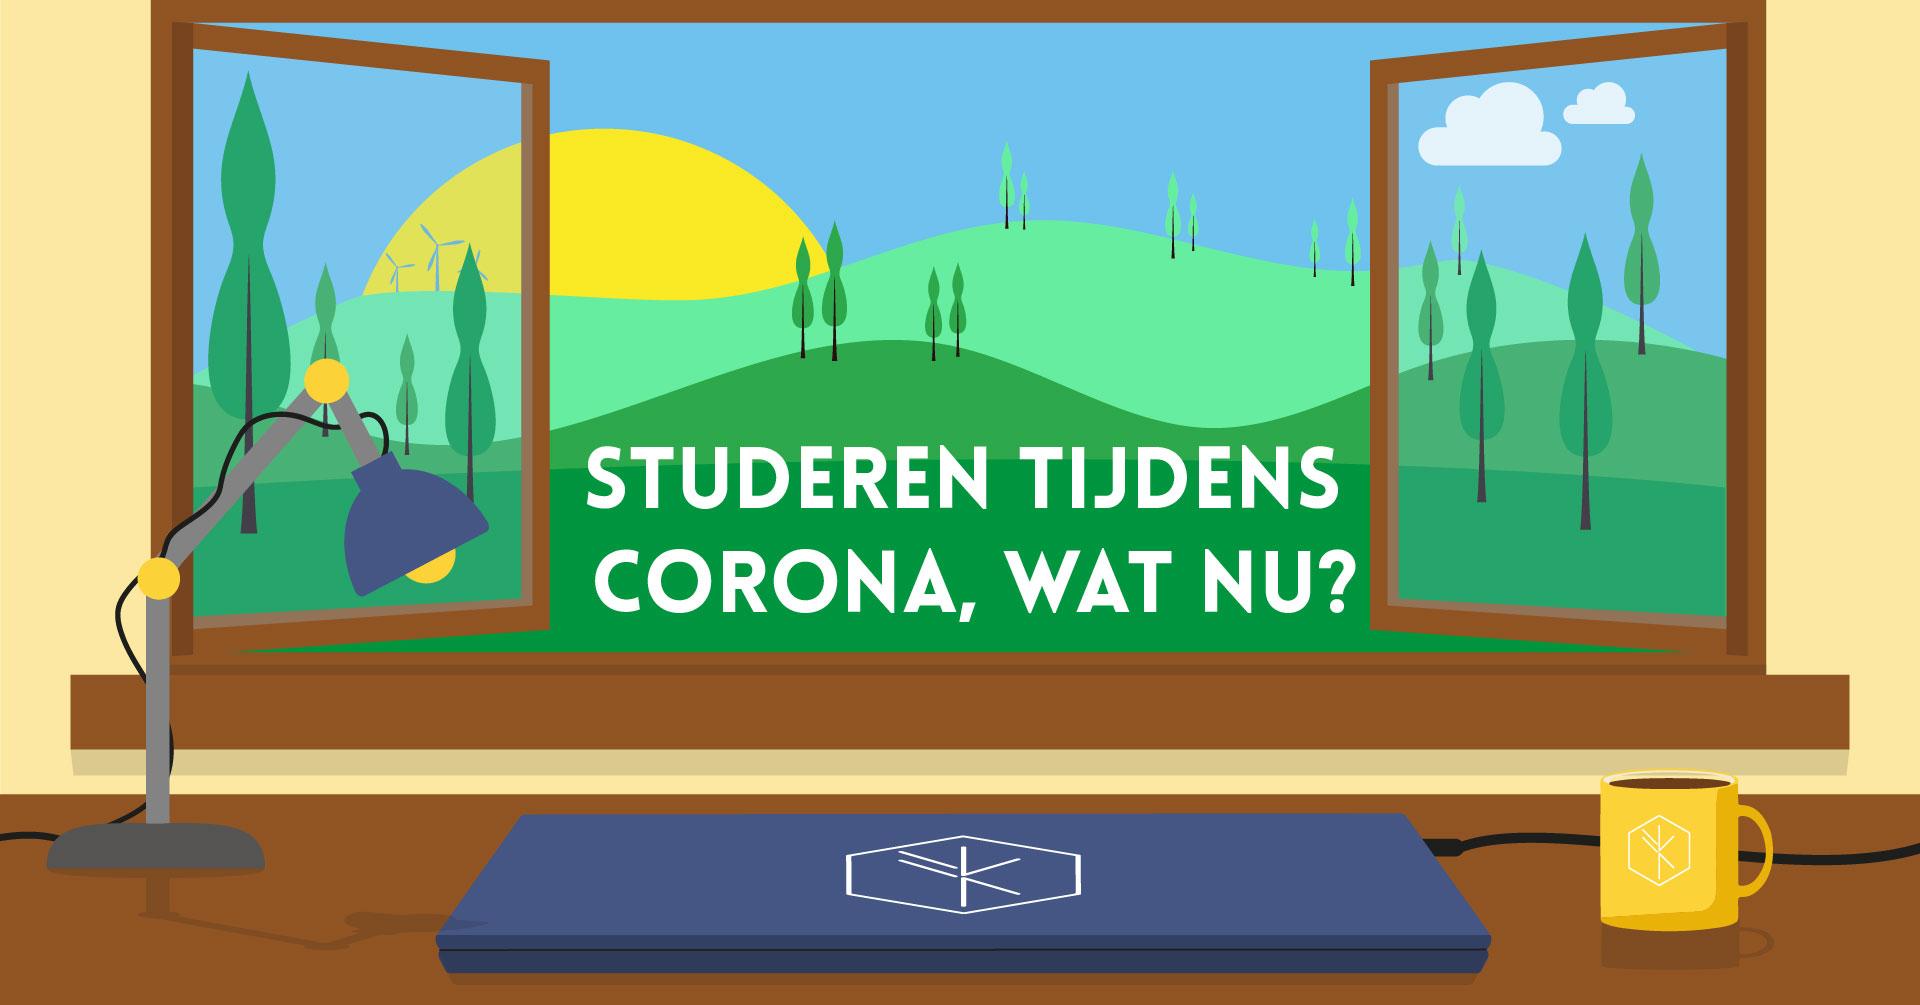 Studeren tijdens corona, wat nu?